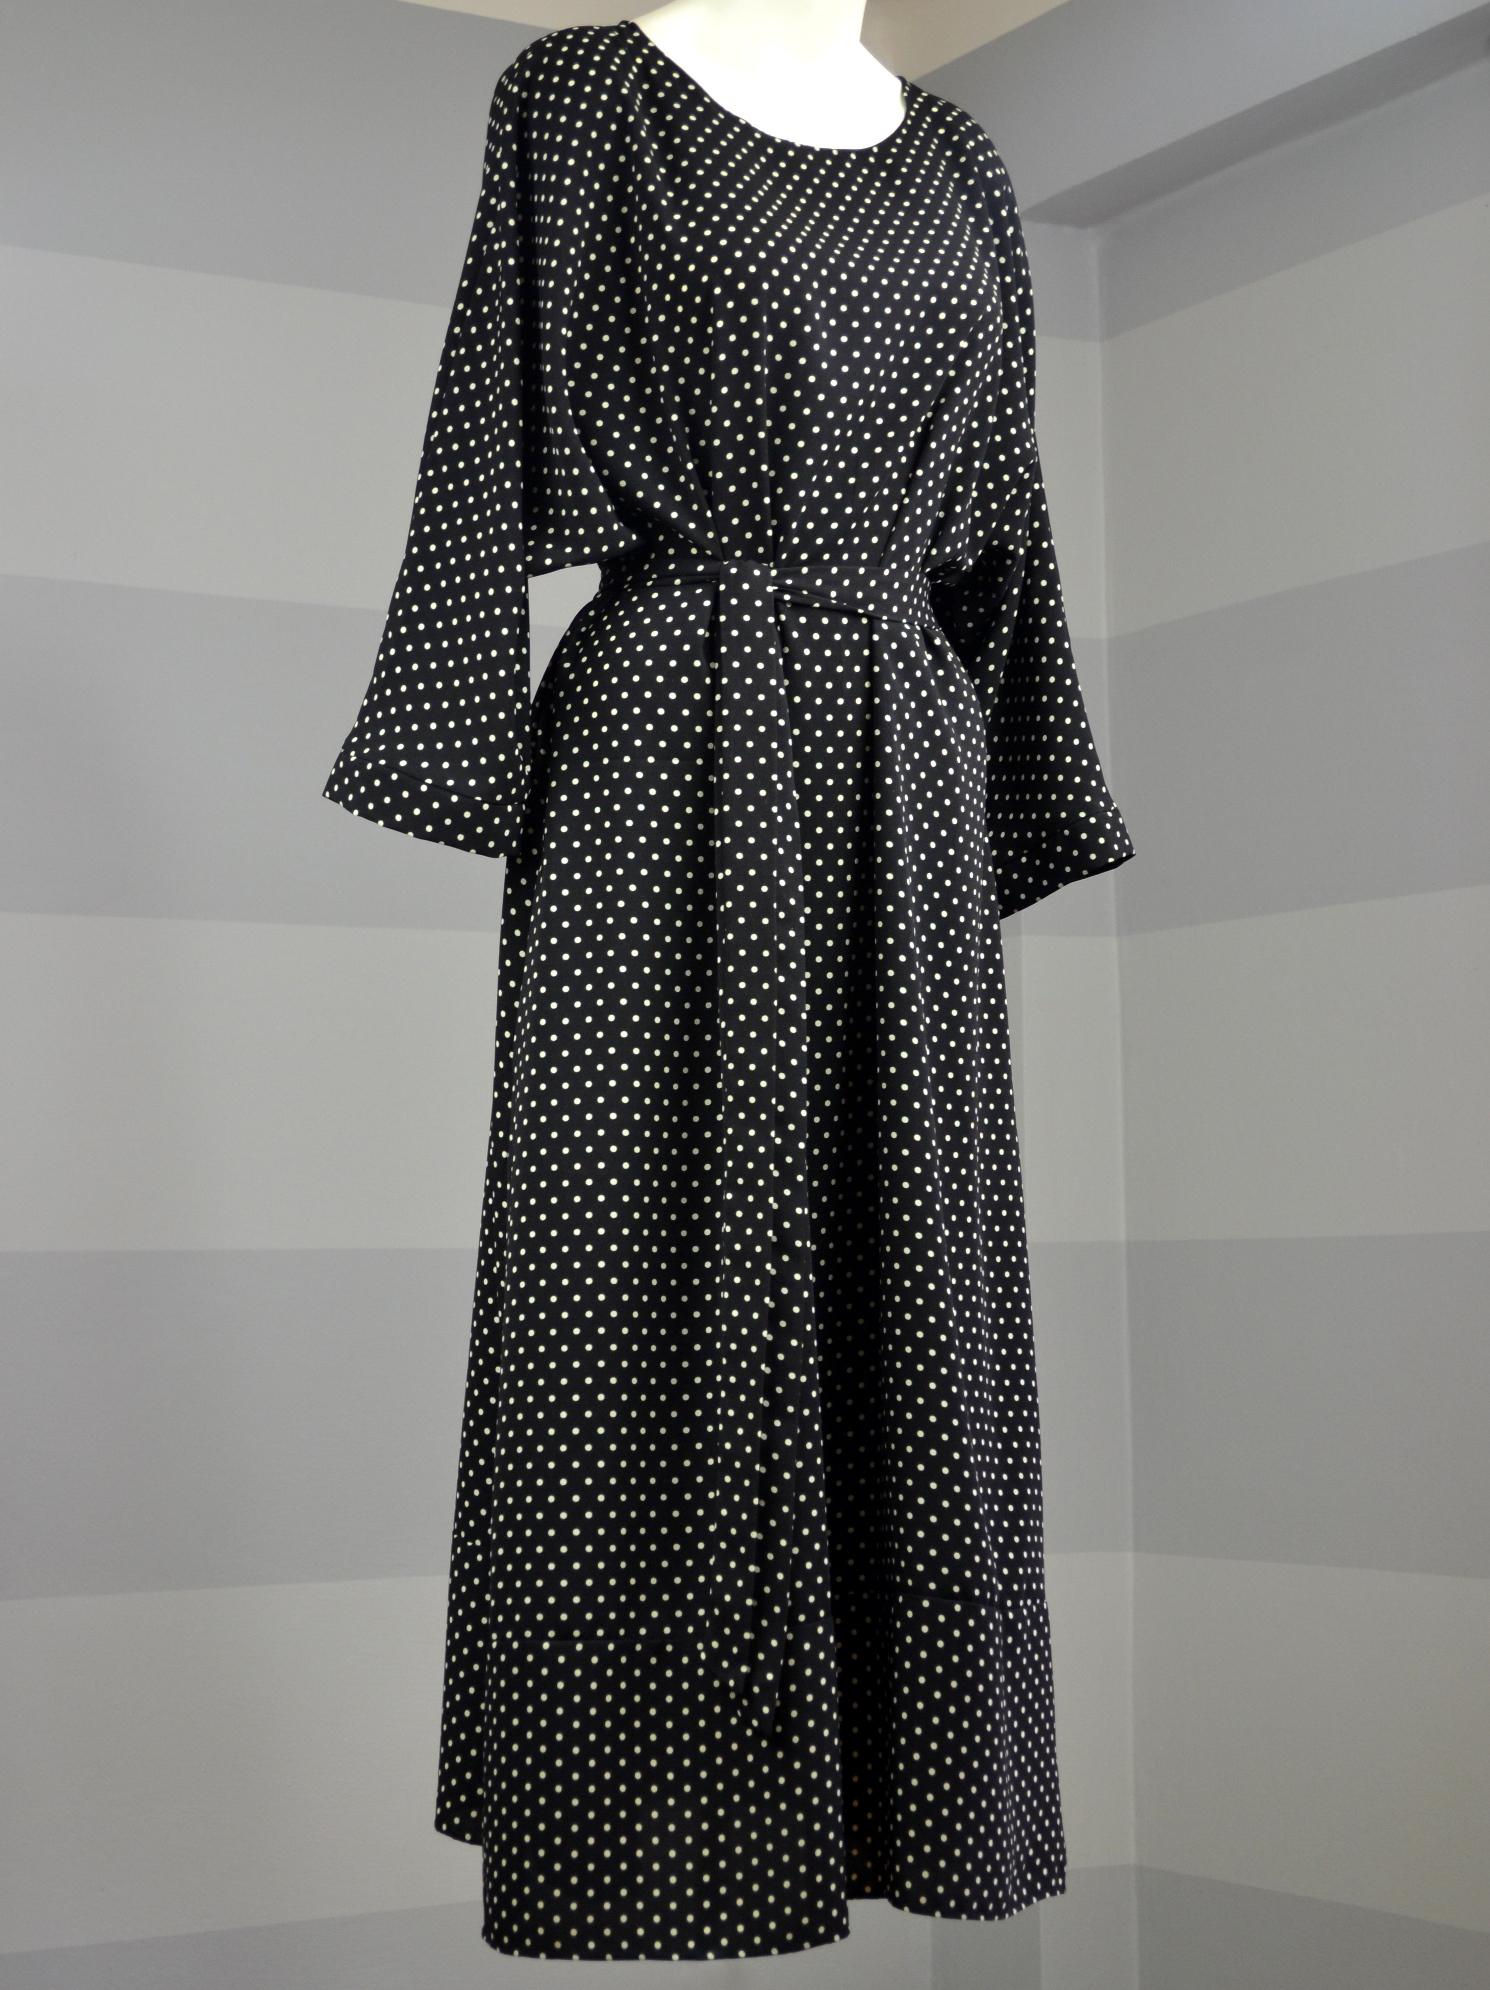 Fotografie pro model – Černé šaty sbéžovým puntíkem